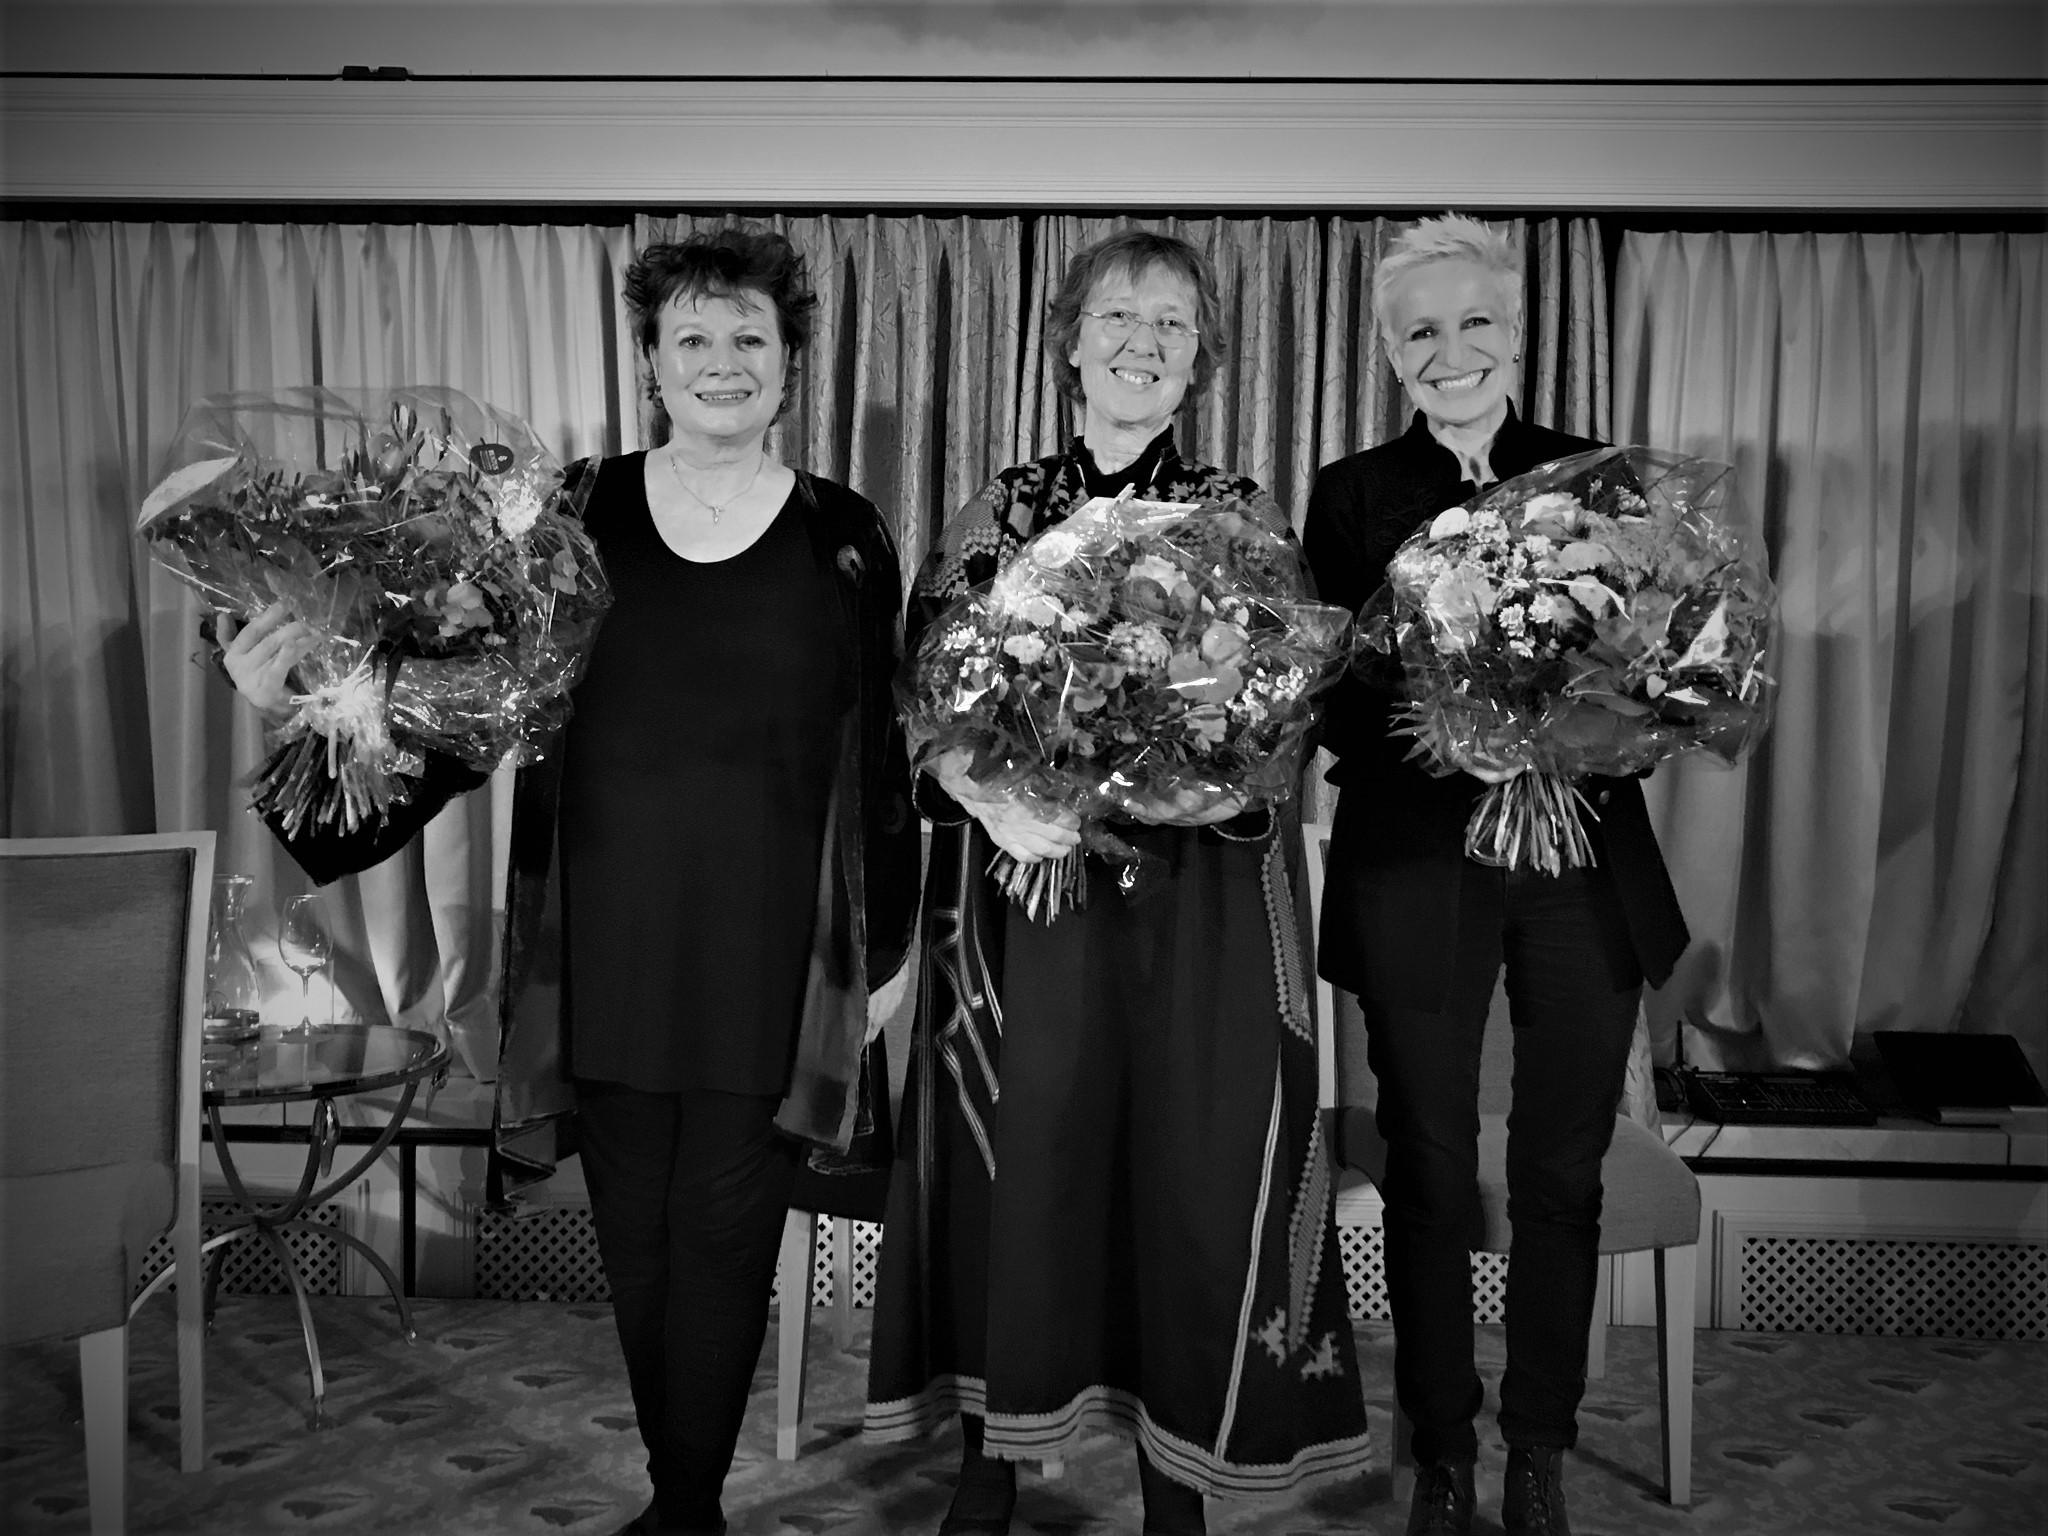 Regula Küffer, Annemarie Mühlemann und Nina Dimitri, Beatus